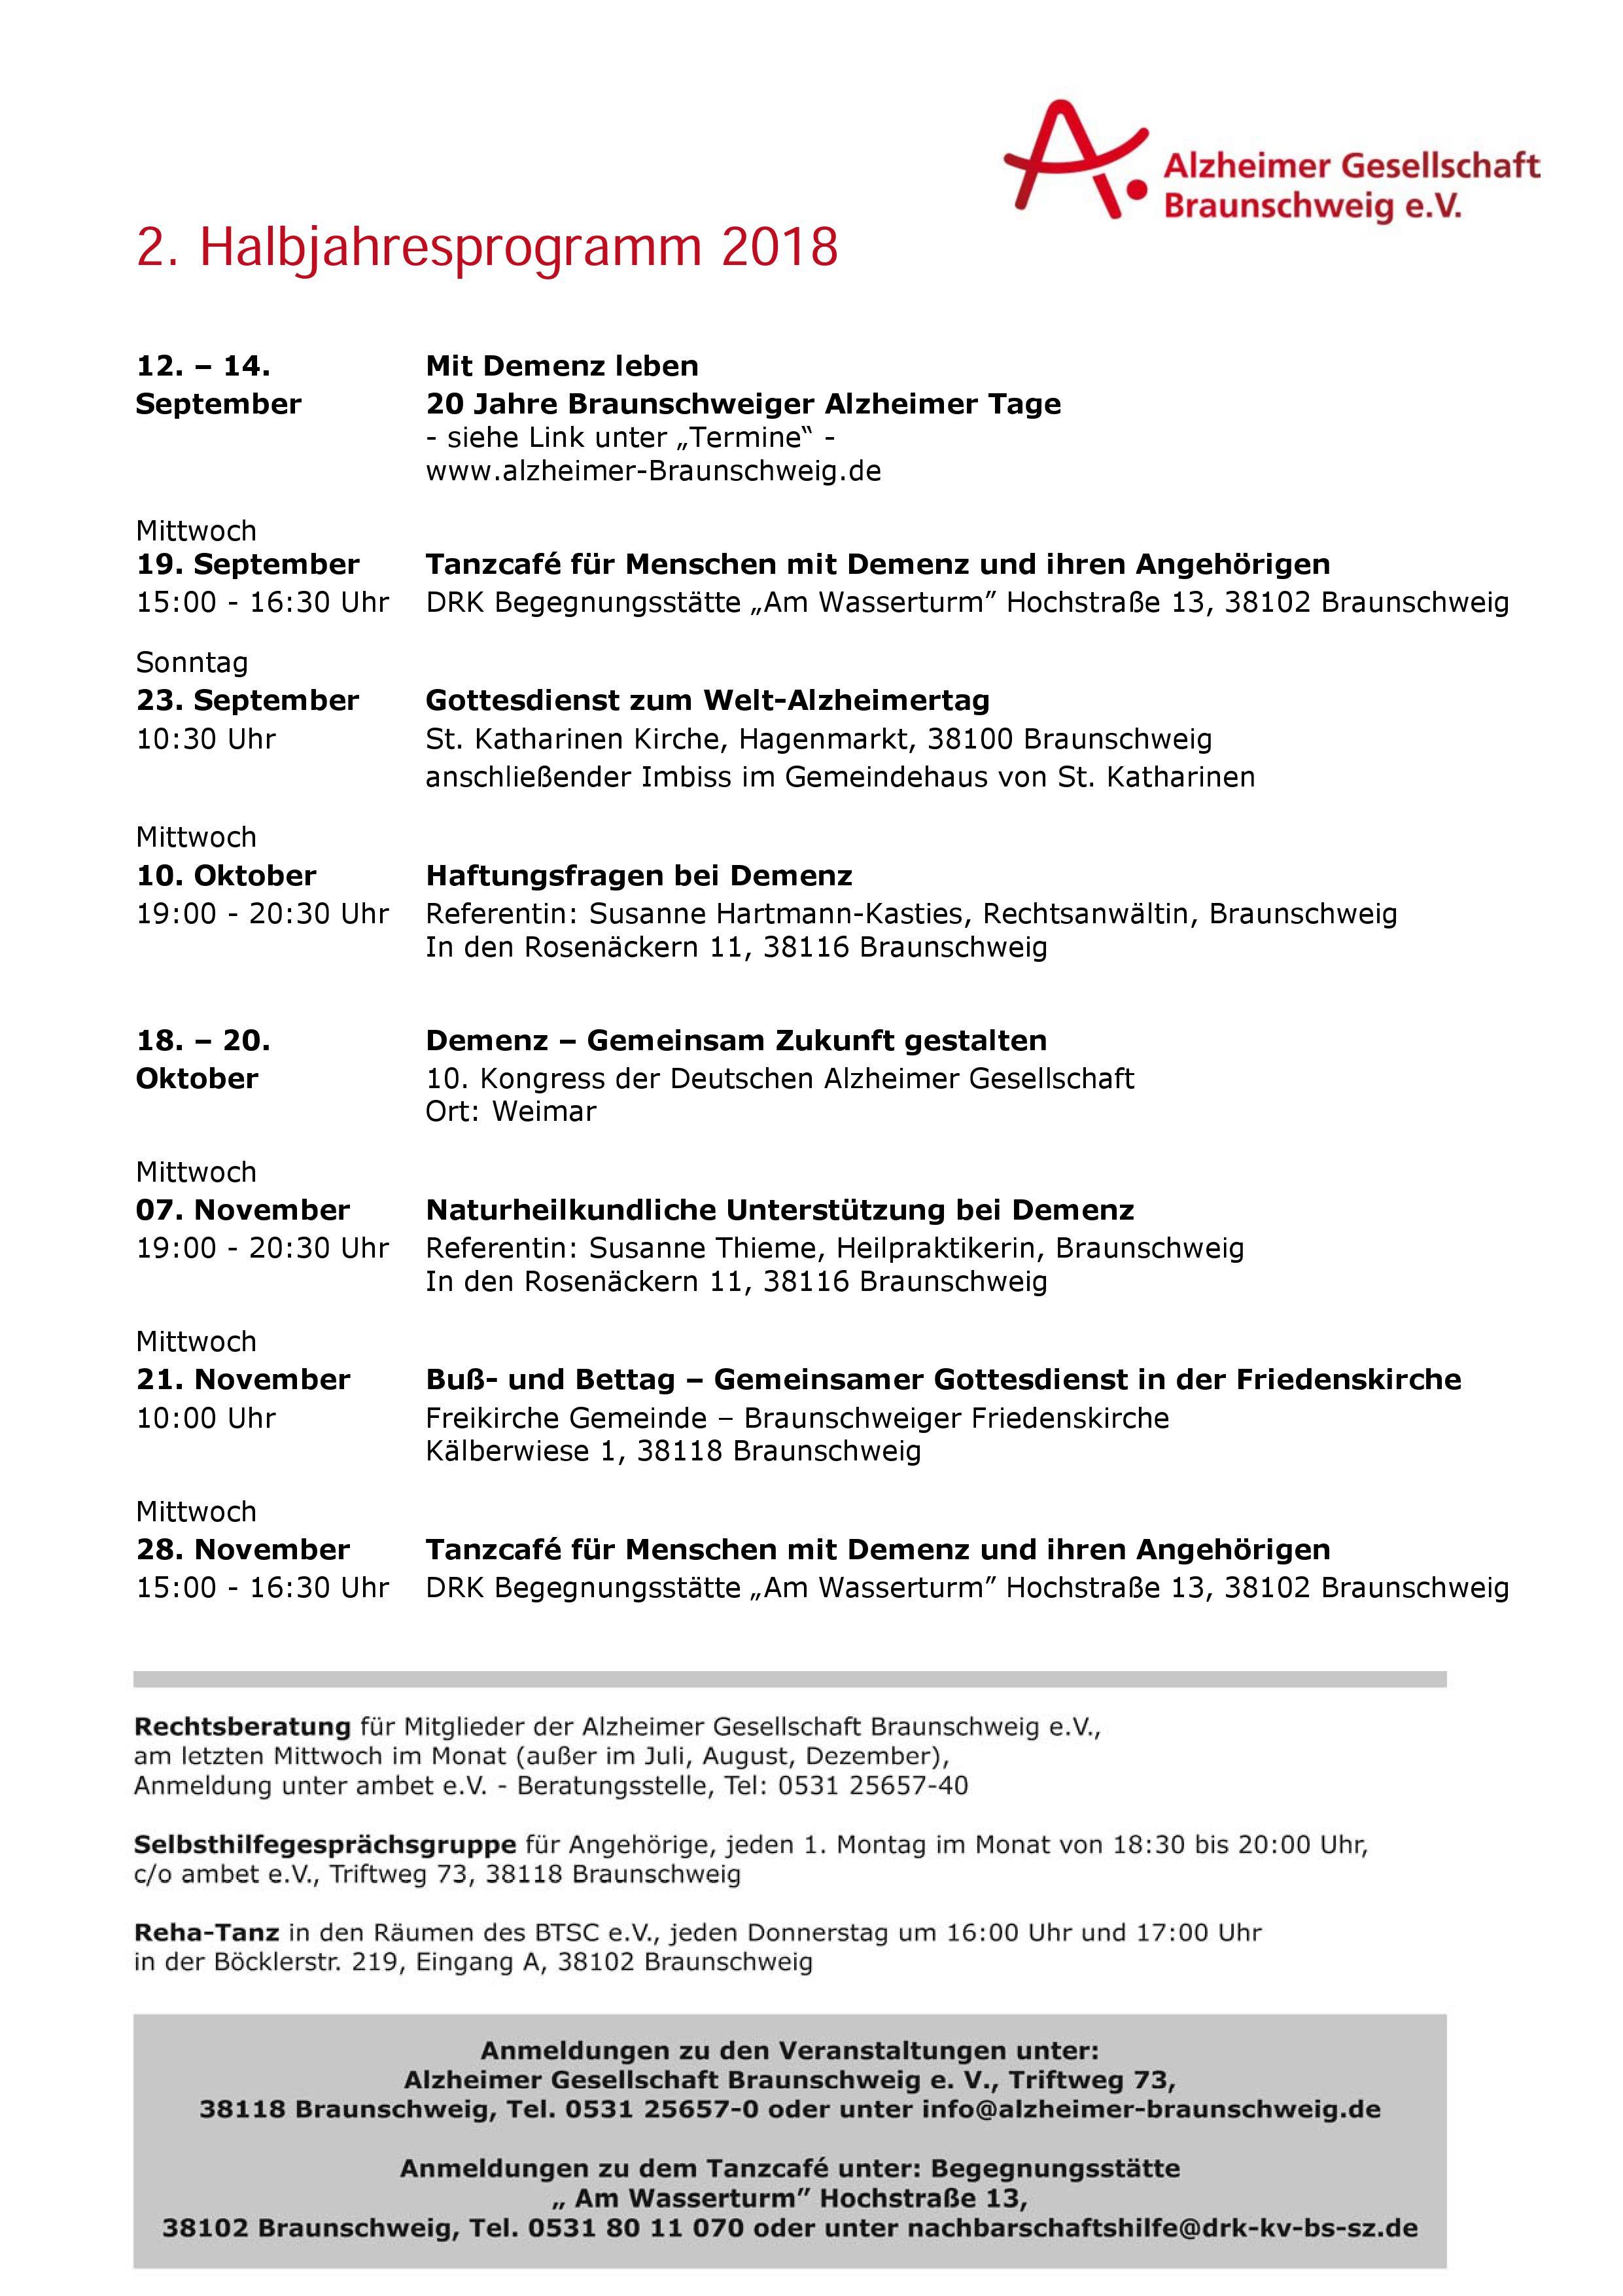 Halbjahresprogramm 2. Halbjahr 2018 der Alzheimer Gesellschaft Braunschweig e.V.